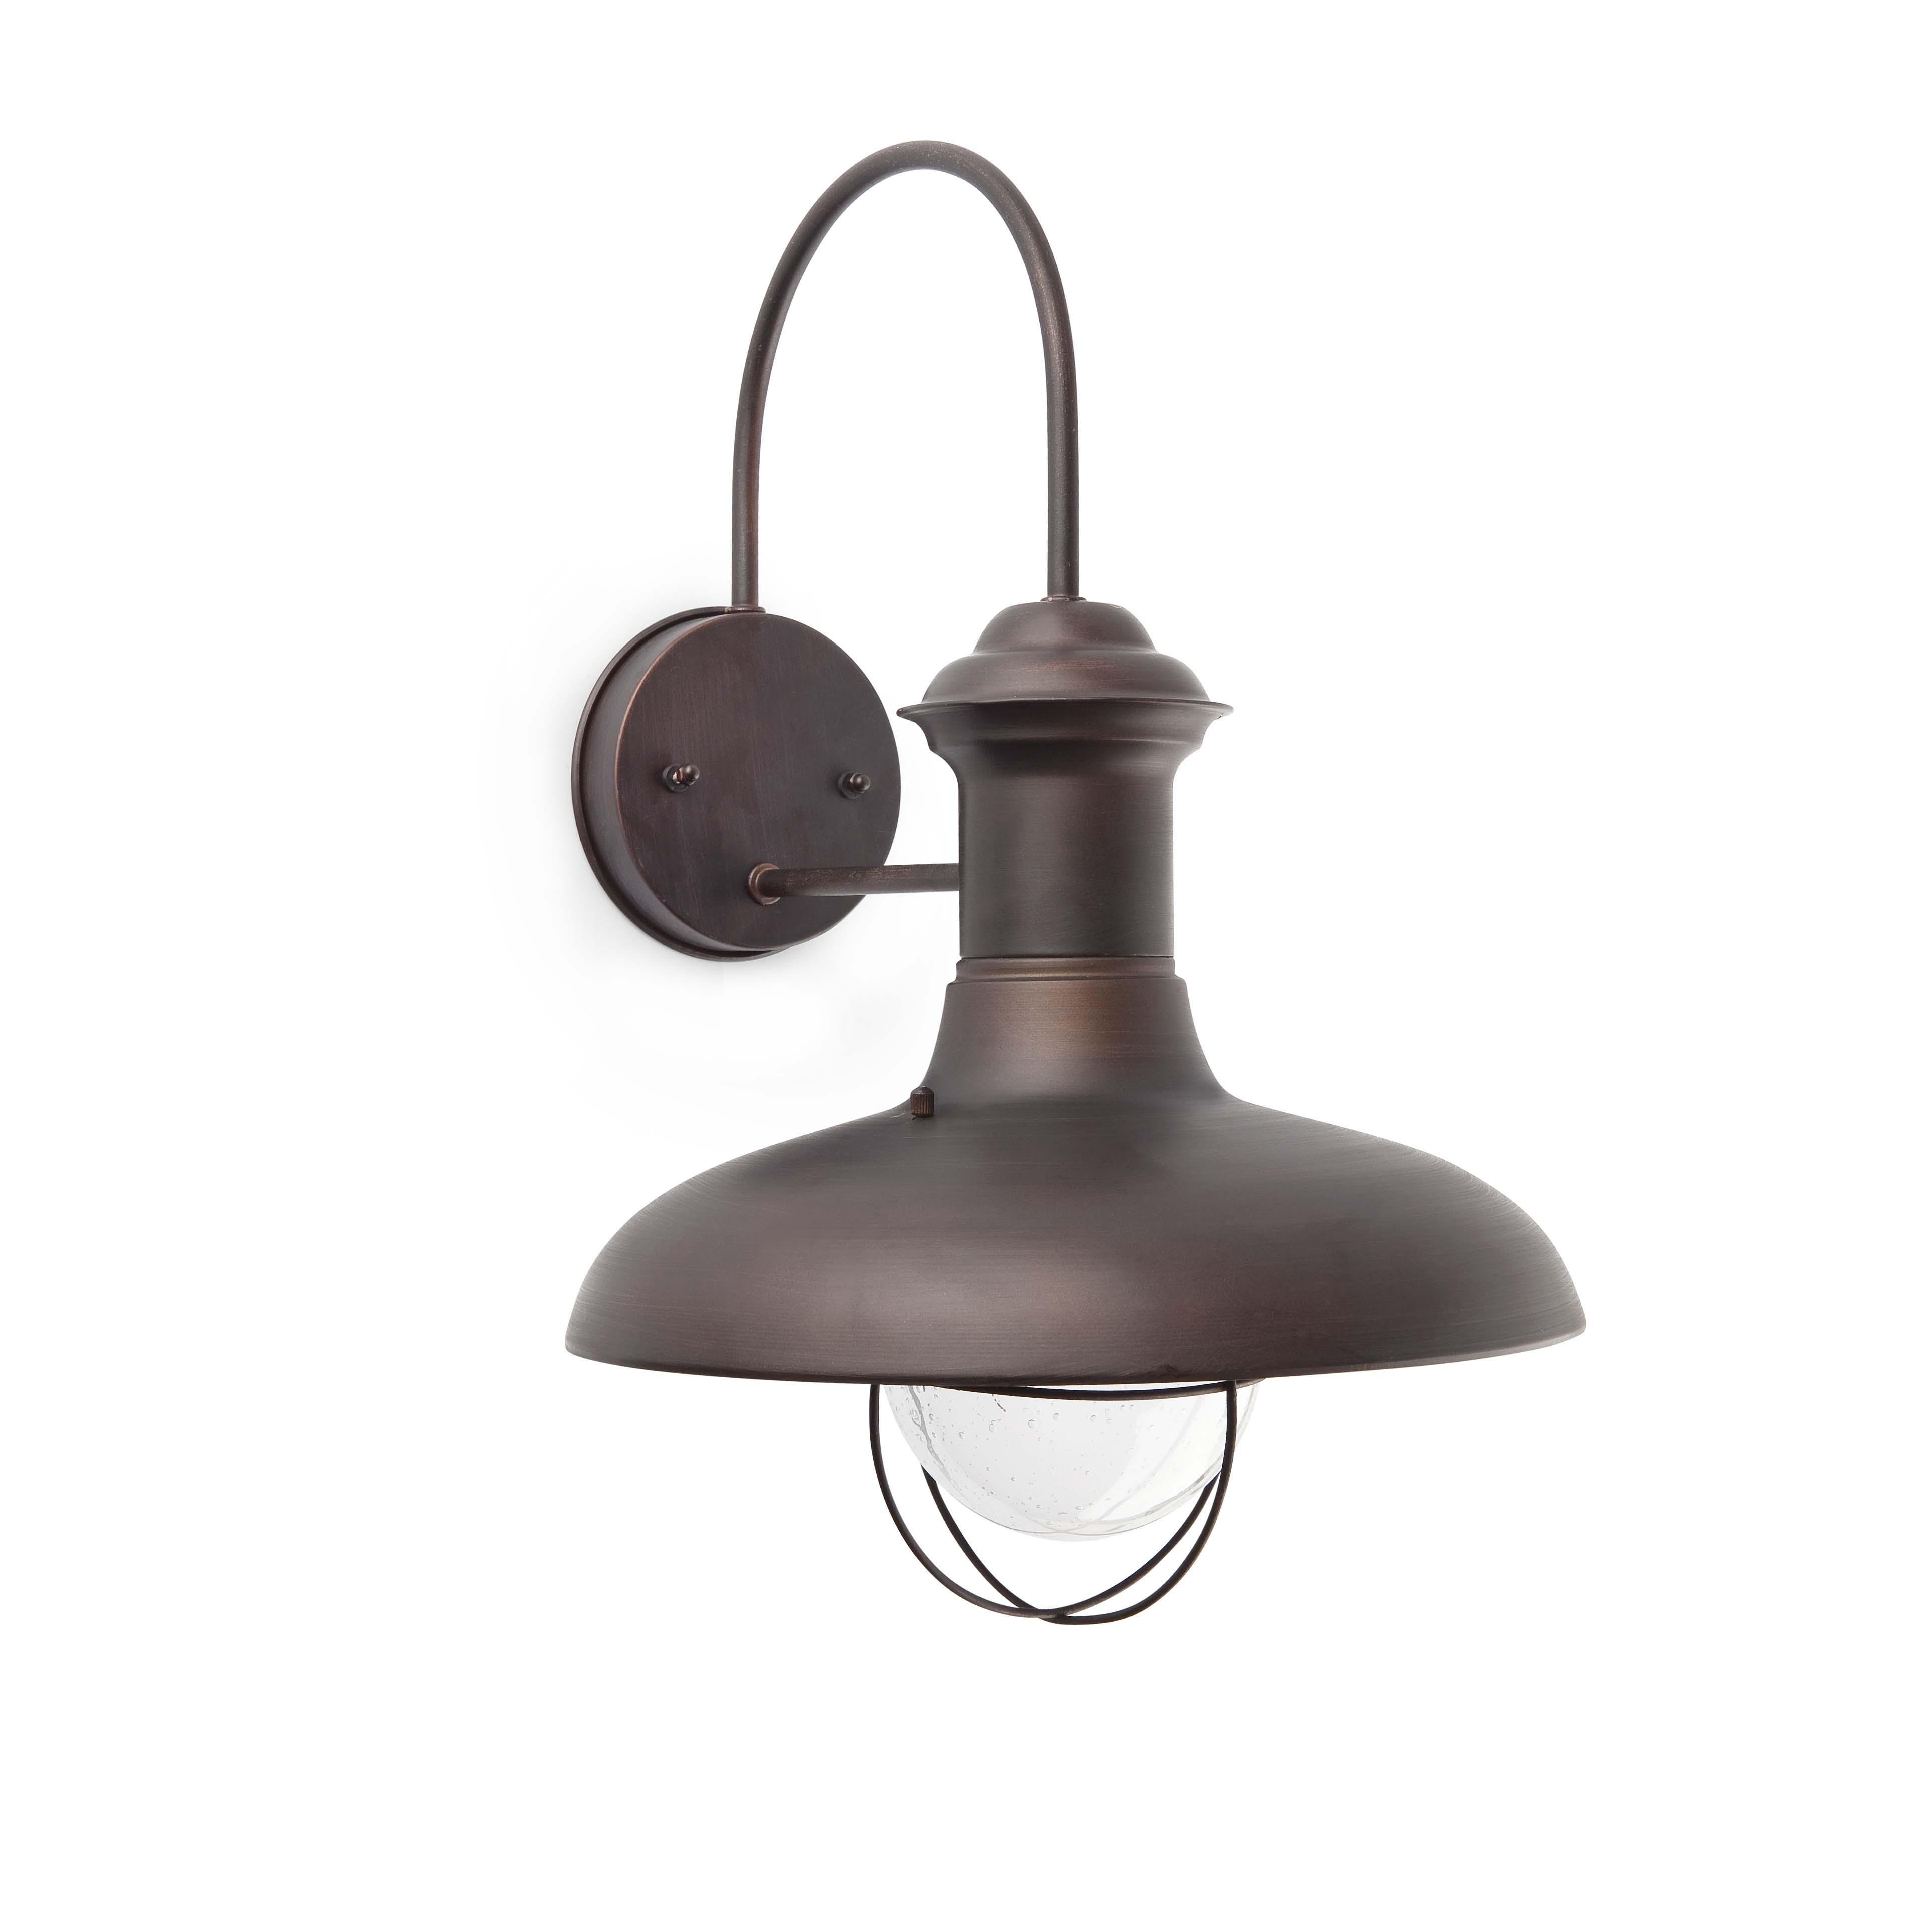 Klassieke wandlamp estoril groot roestkleurig 8071141 esr - Apliques de pared rusticos ...